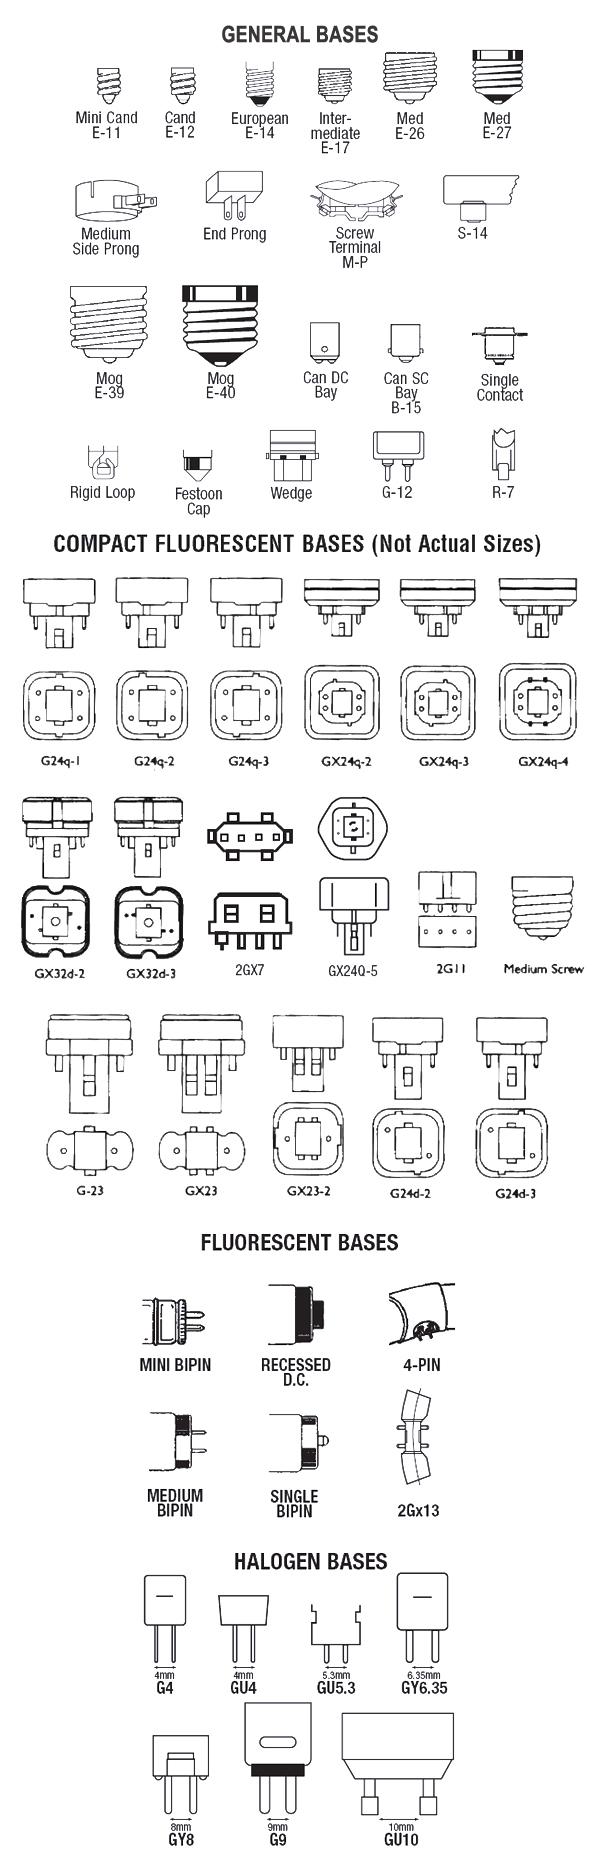 bases-chart.jpg